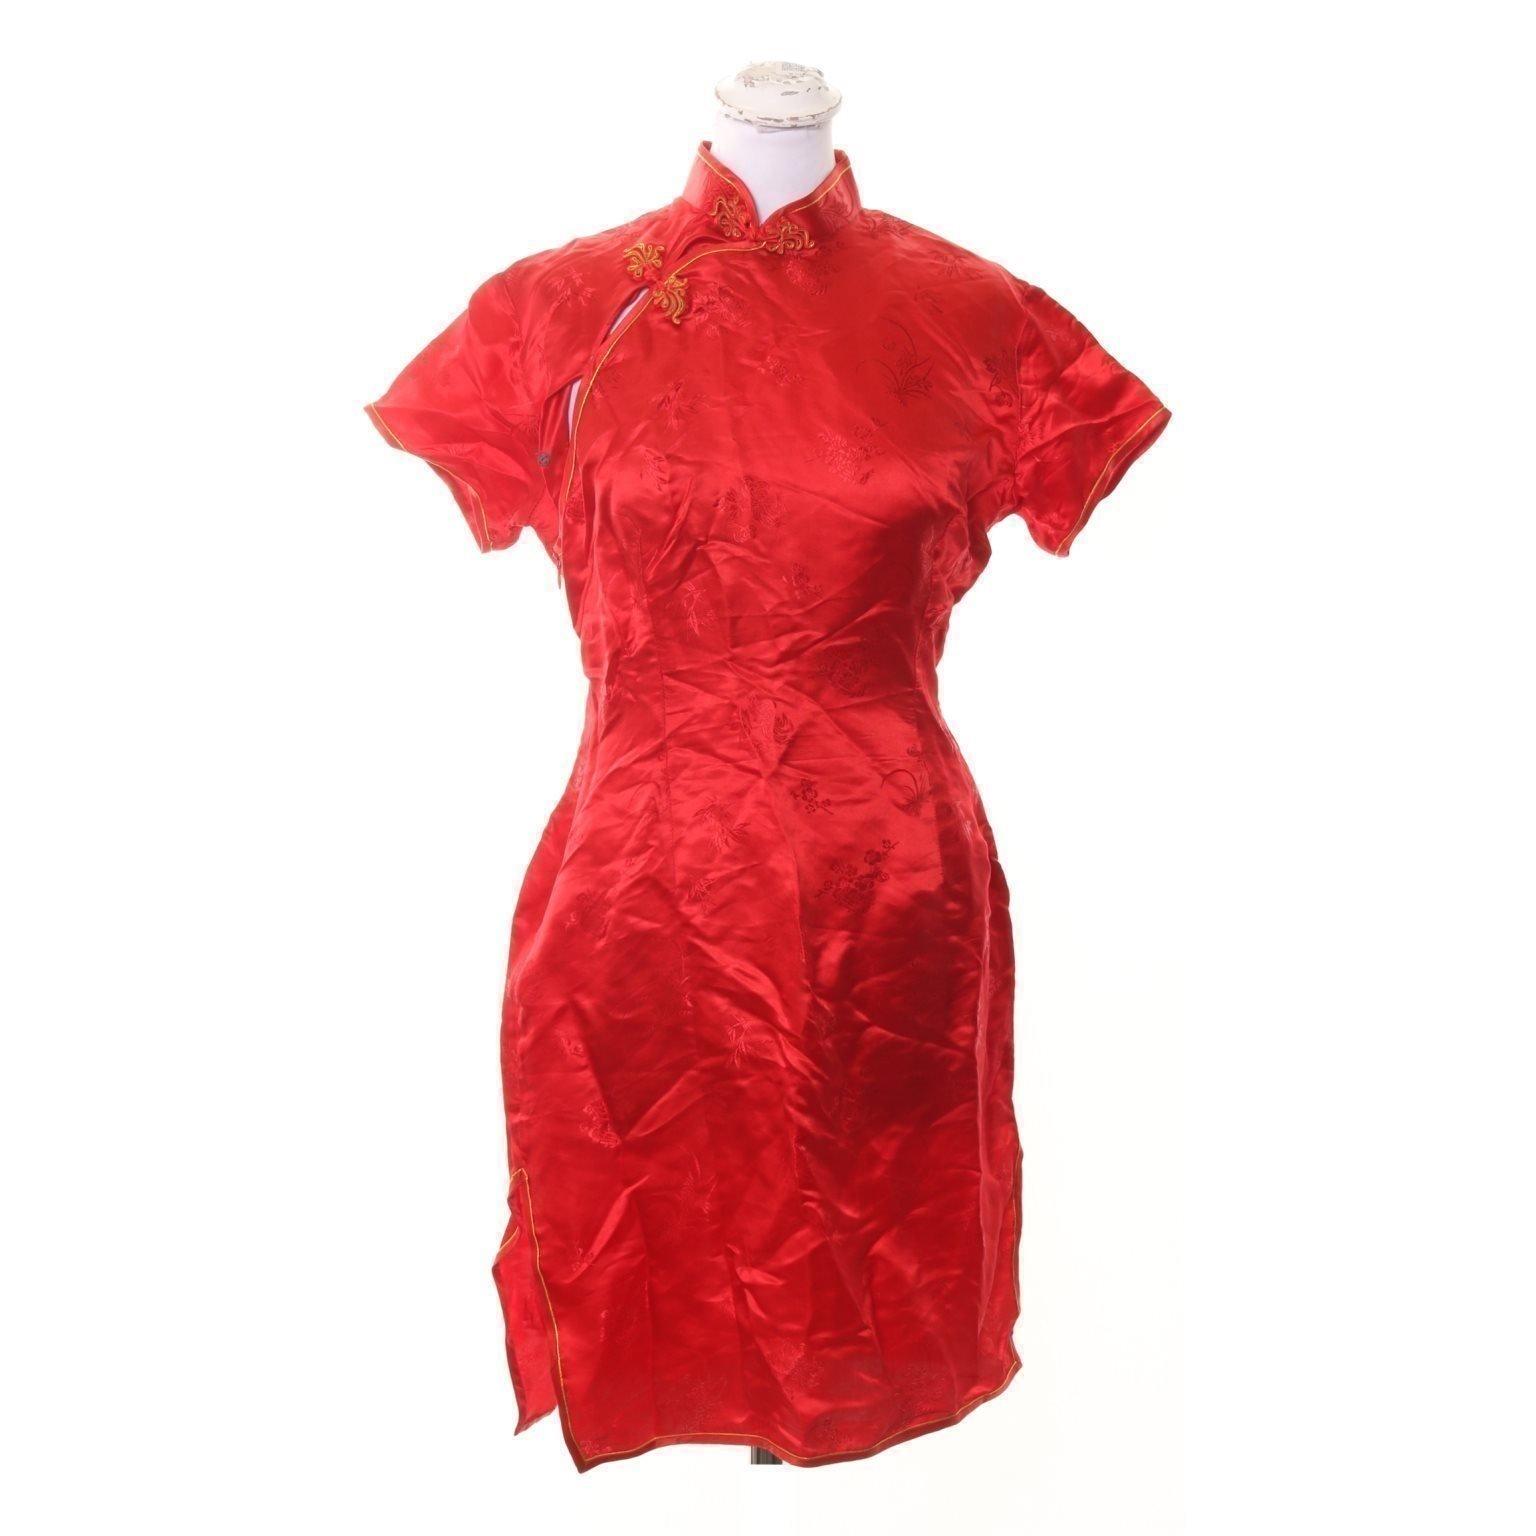 84a48245b121 Kina klänning i 100% Siden / Silke/stl small/rö.. (353037773) ᐈ Köp ...